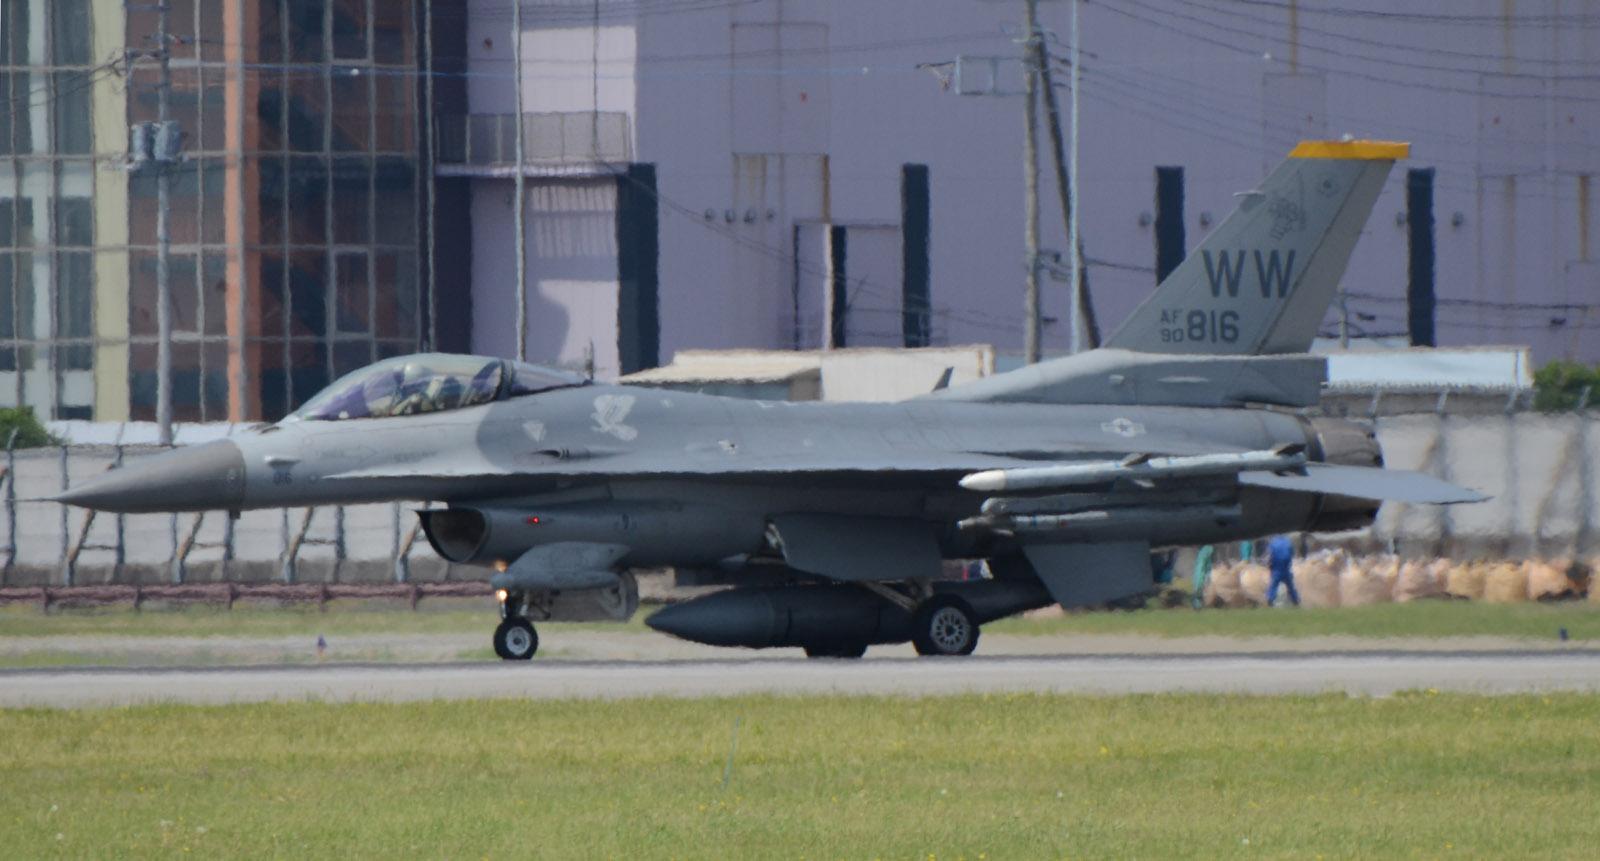 F16cm140516g086